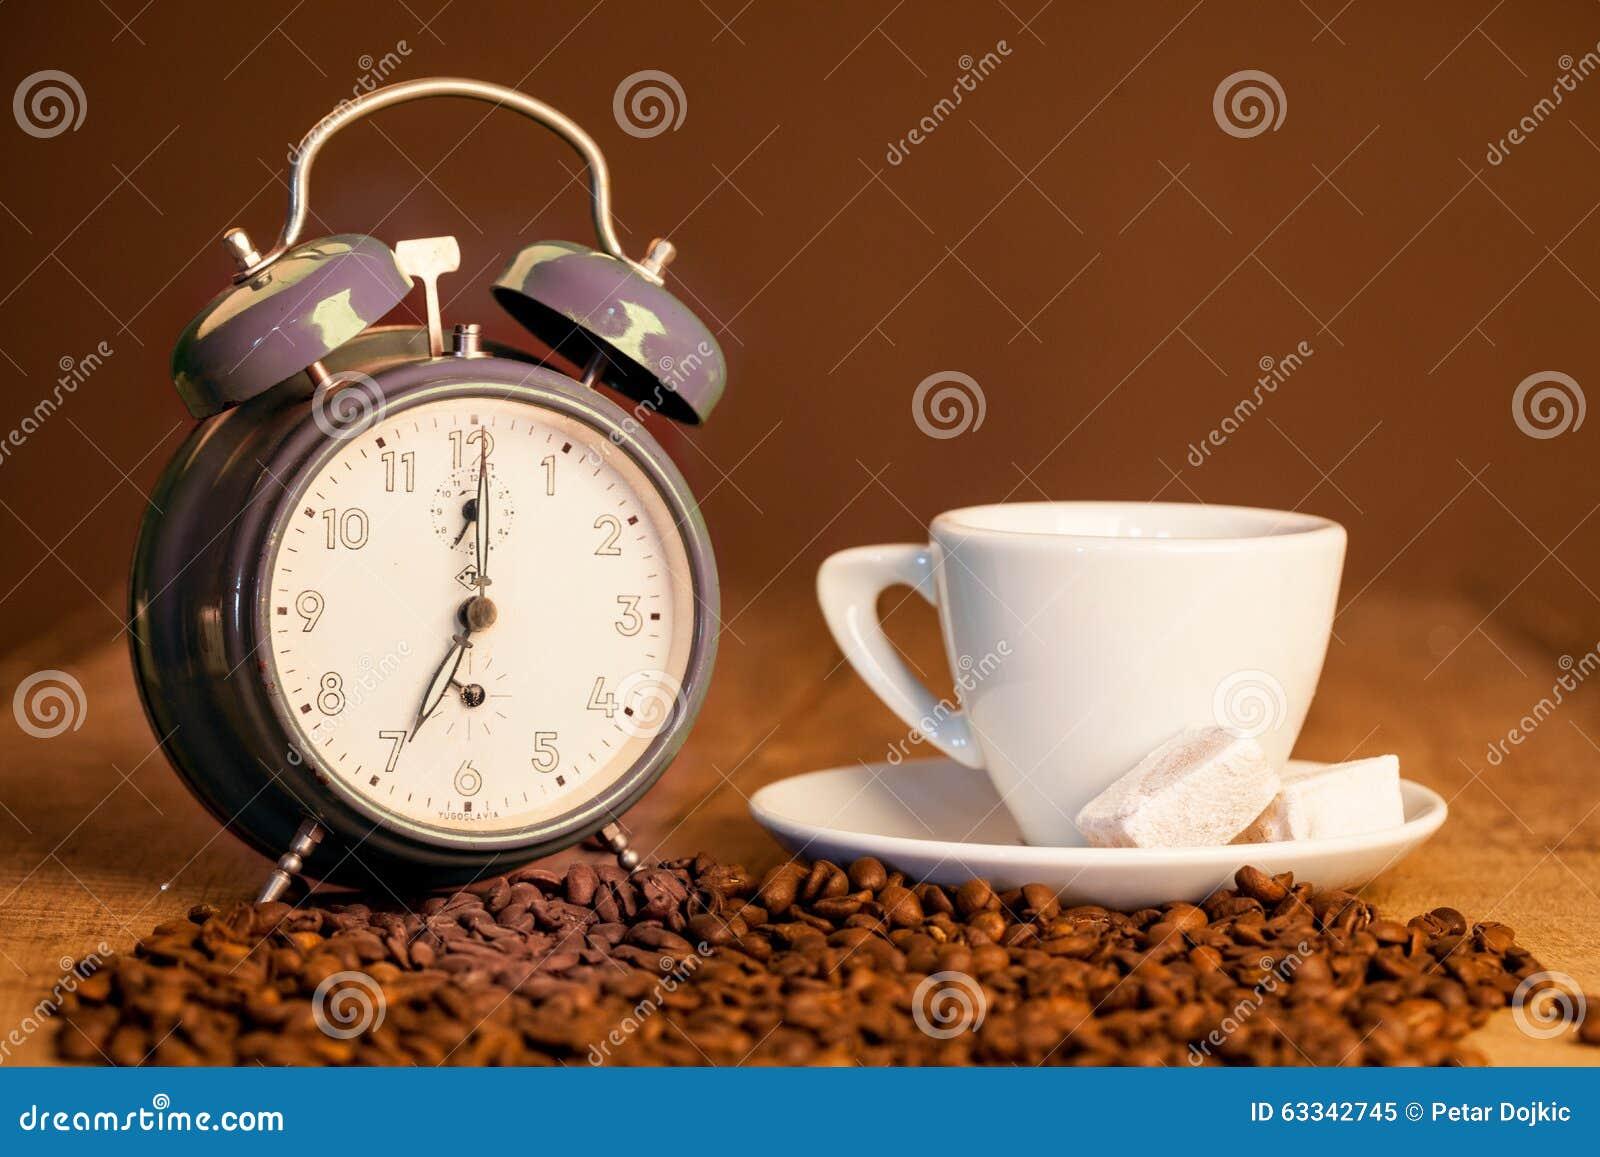 Gutenmorgen Zeit Für Kaffee Röstkaffee Und Türkisches